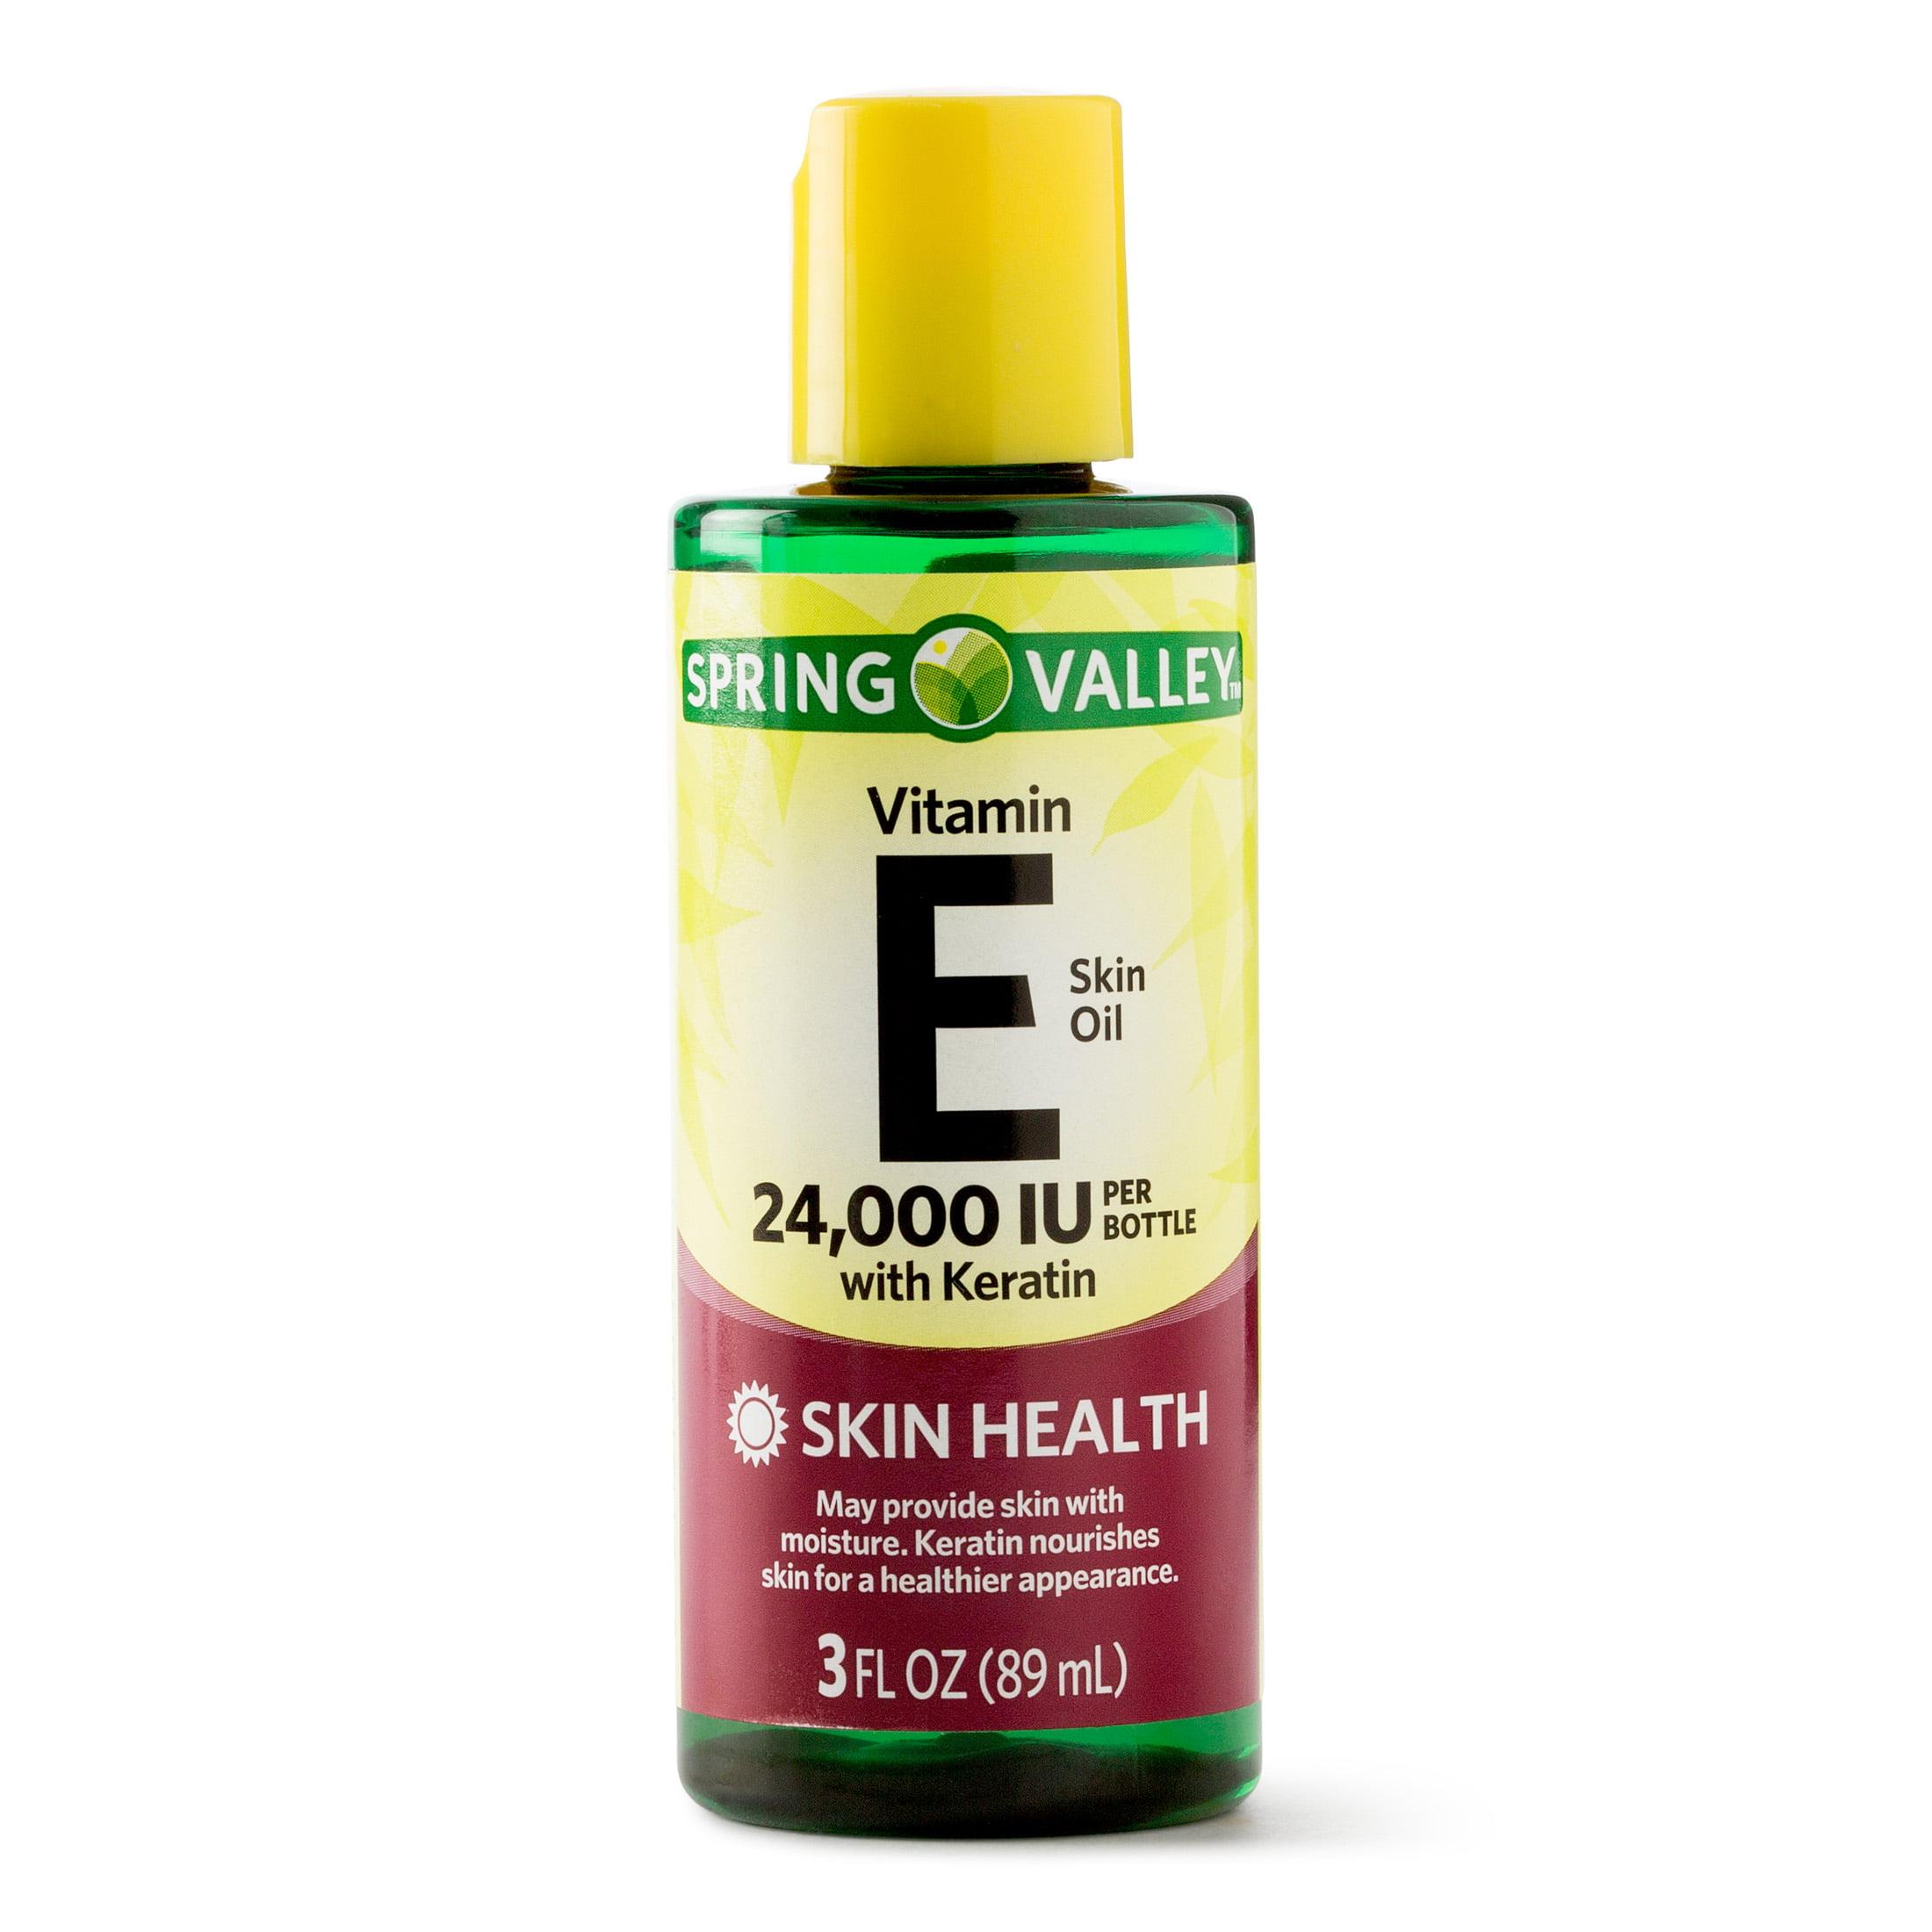 Spring Valley Vitamin E Skin Oil, 24000 IU, 3 Oz